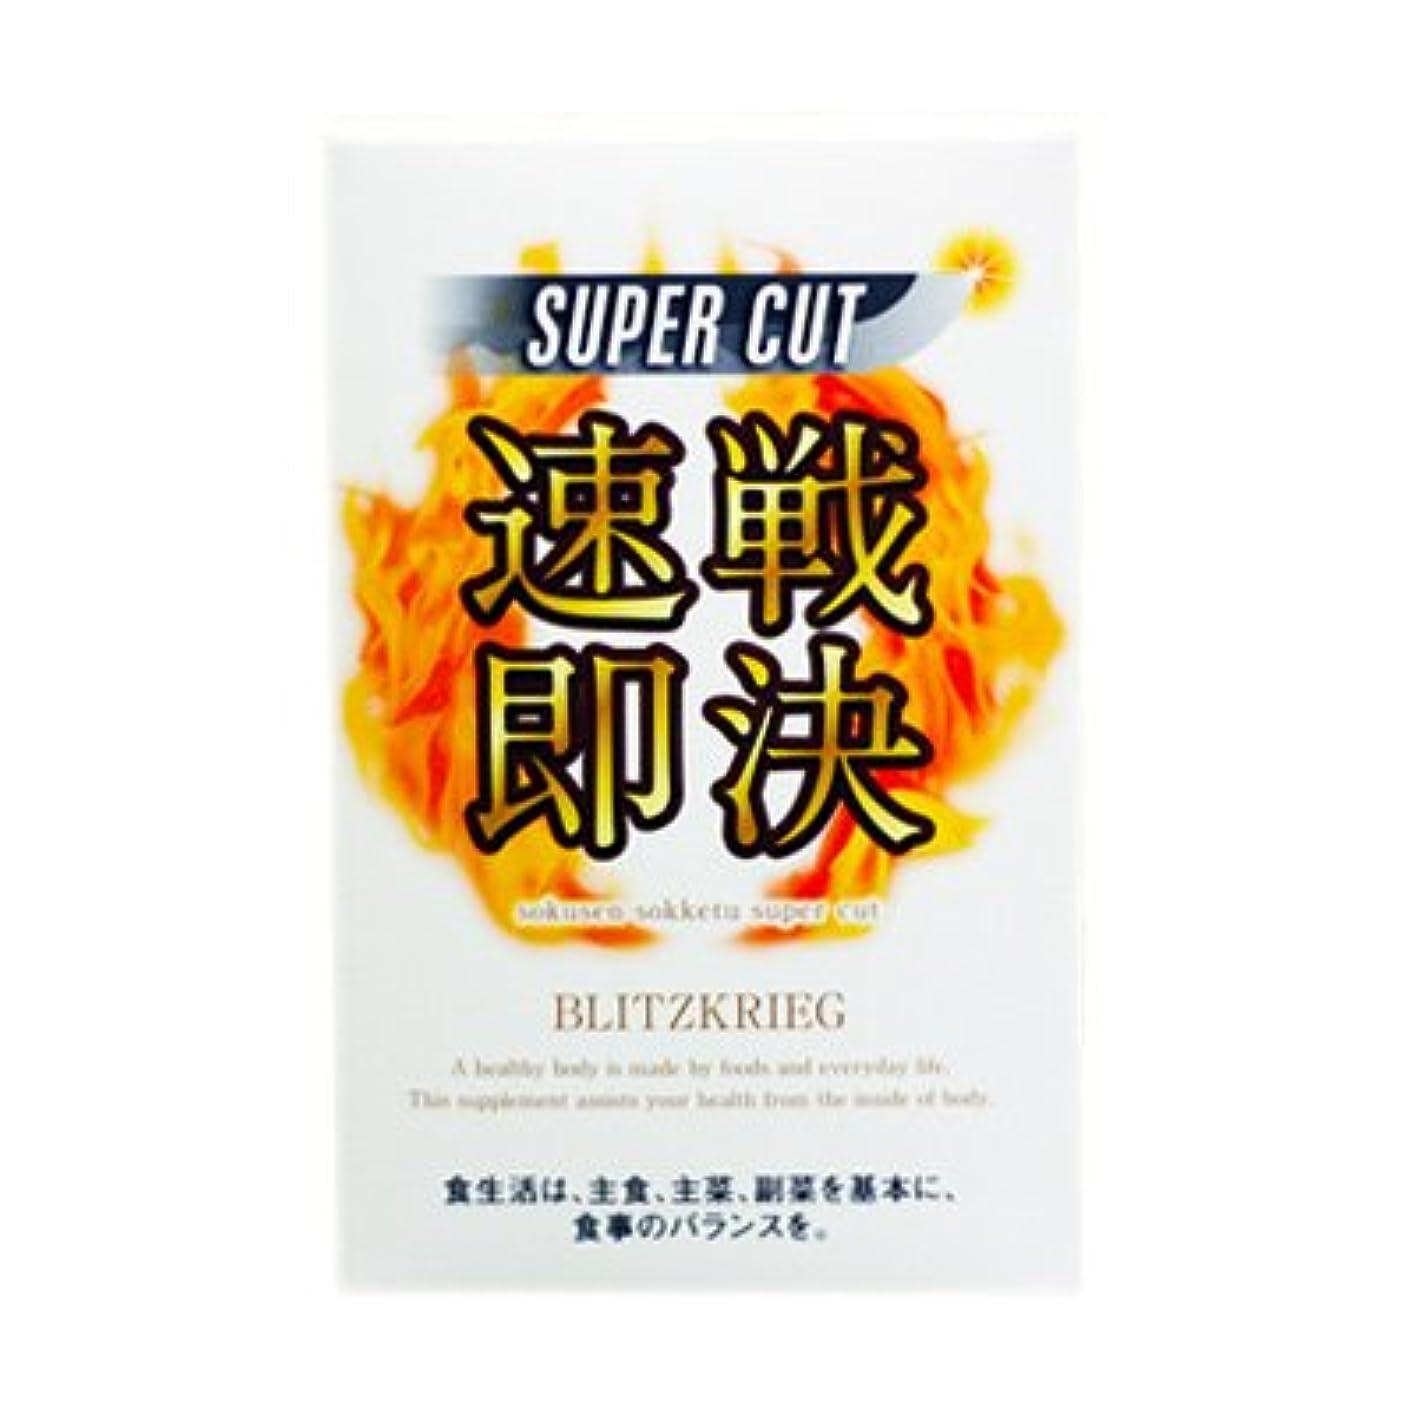 誘導マナーダーツ速戦即決 スーパーカット そくせんそっけつ SUPER CUT